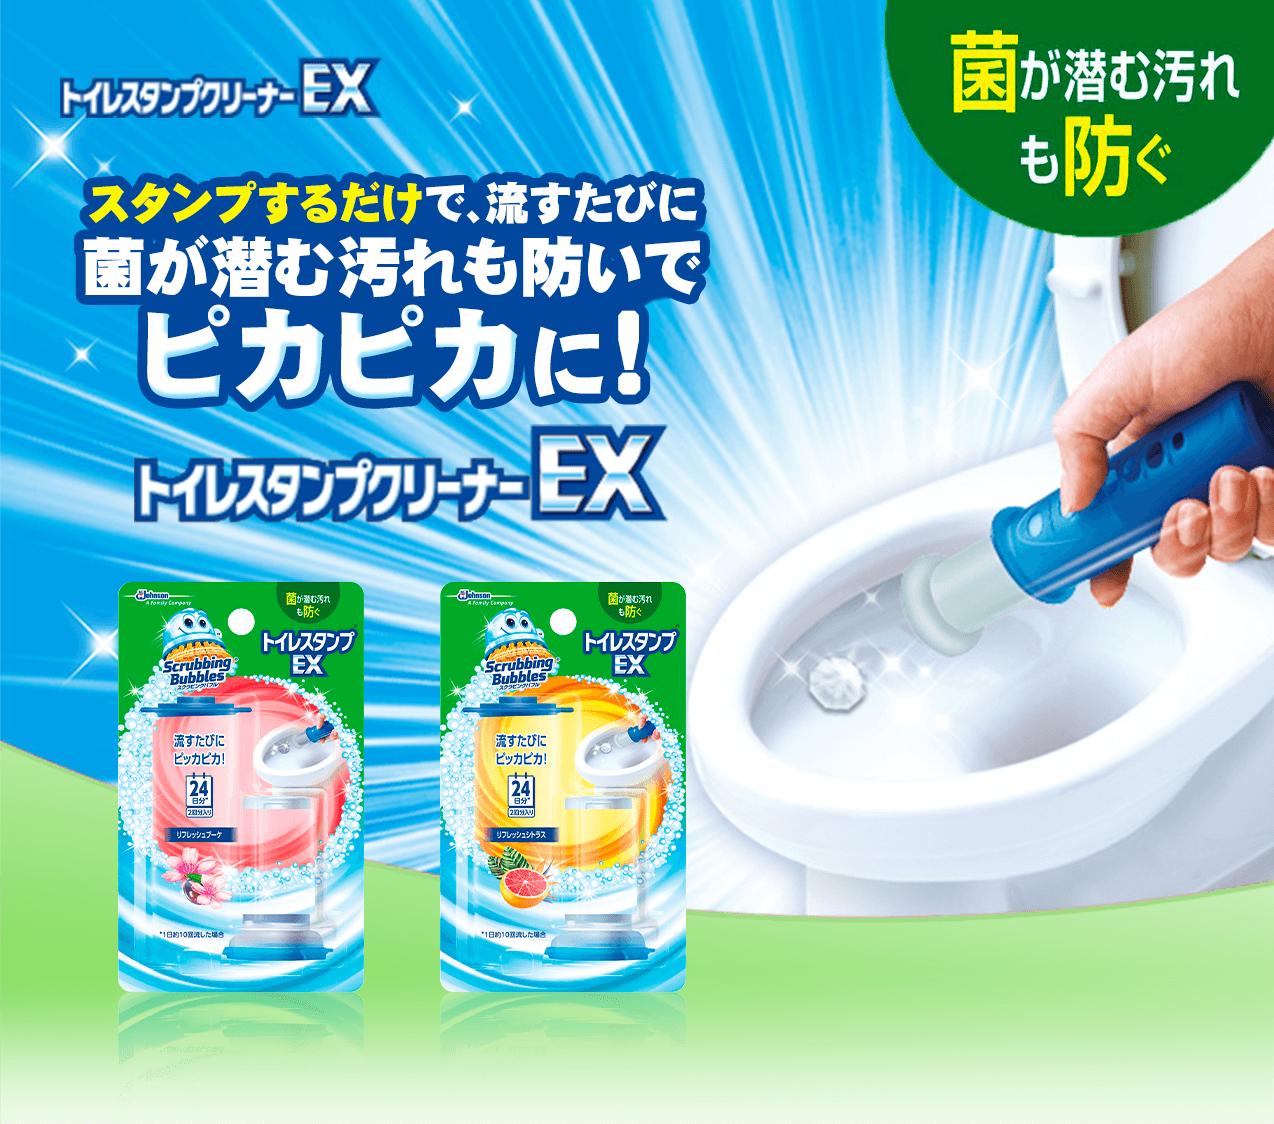 スタンプするだけで、流すたびに菌が潜む汚れも防いでピカピカに!トイレスタンプEX